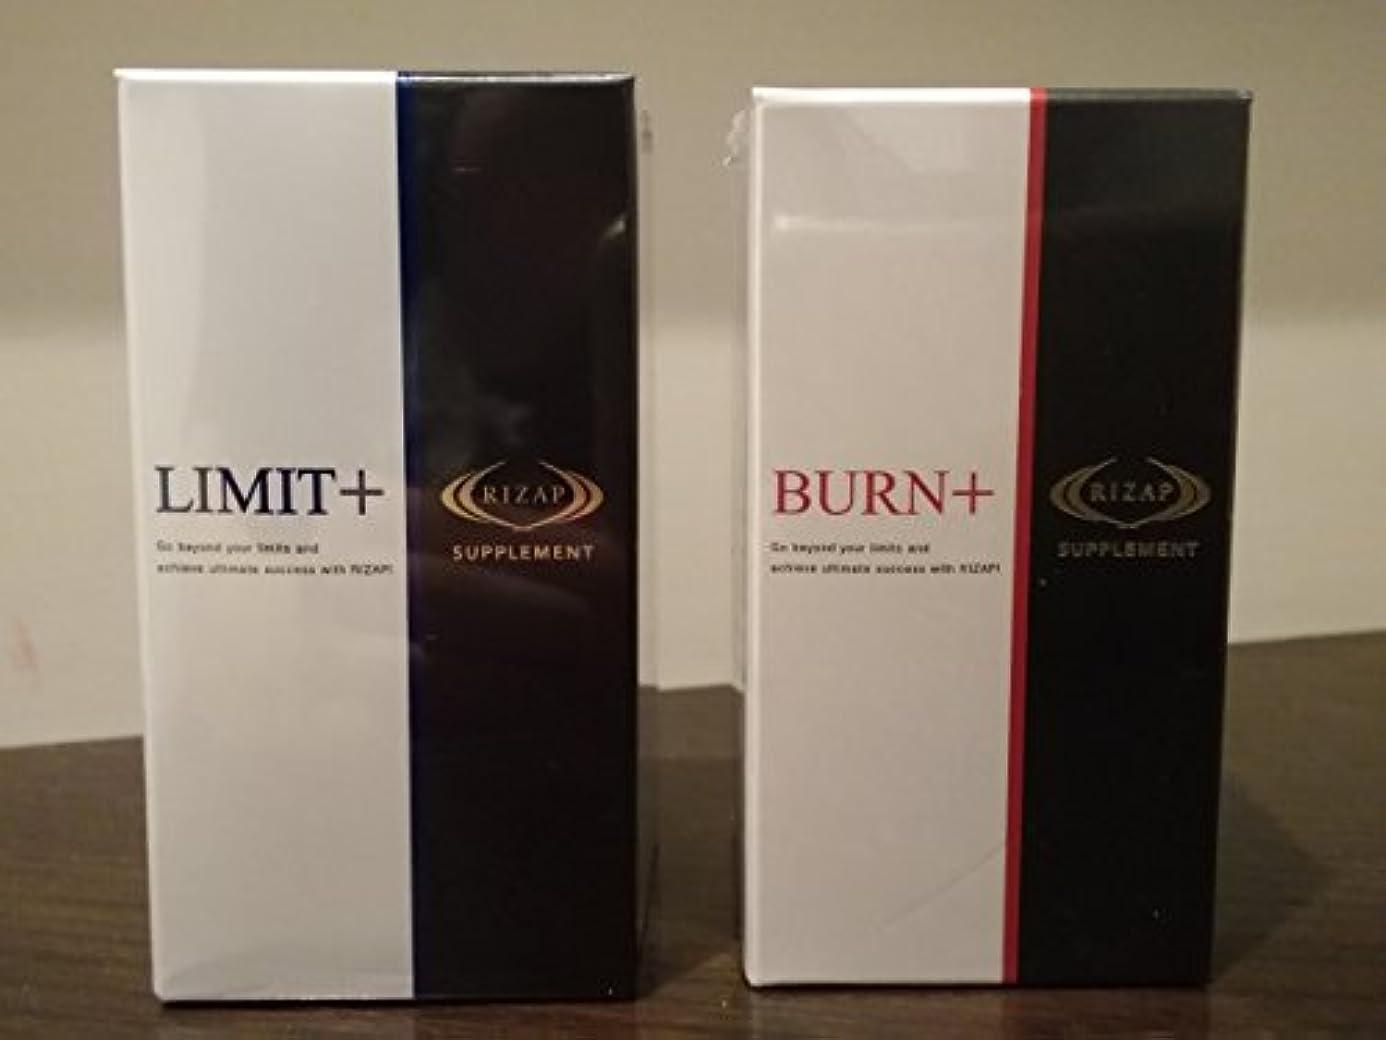 性別現金温度計ライザップ 【バーン+】&【リミット+】 【BURN+】&【LIMIT+】